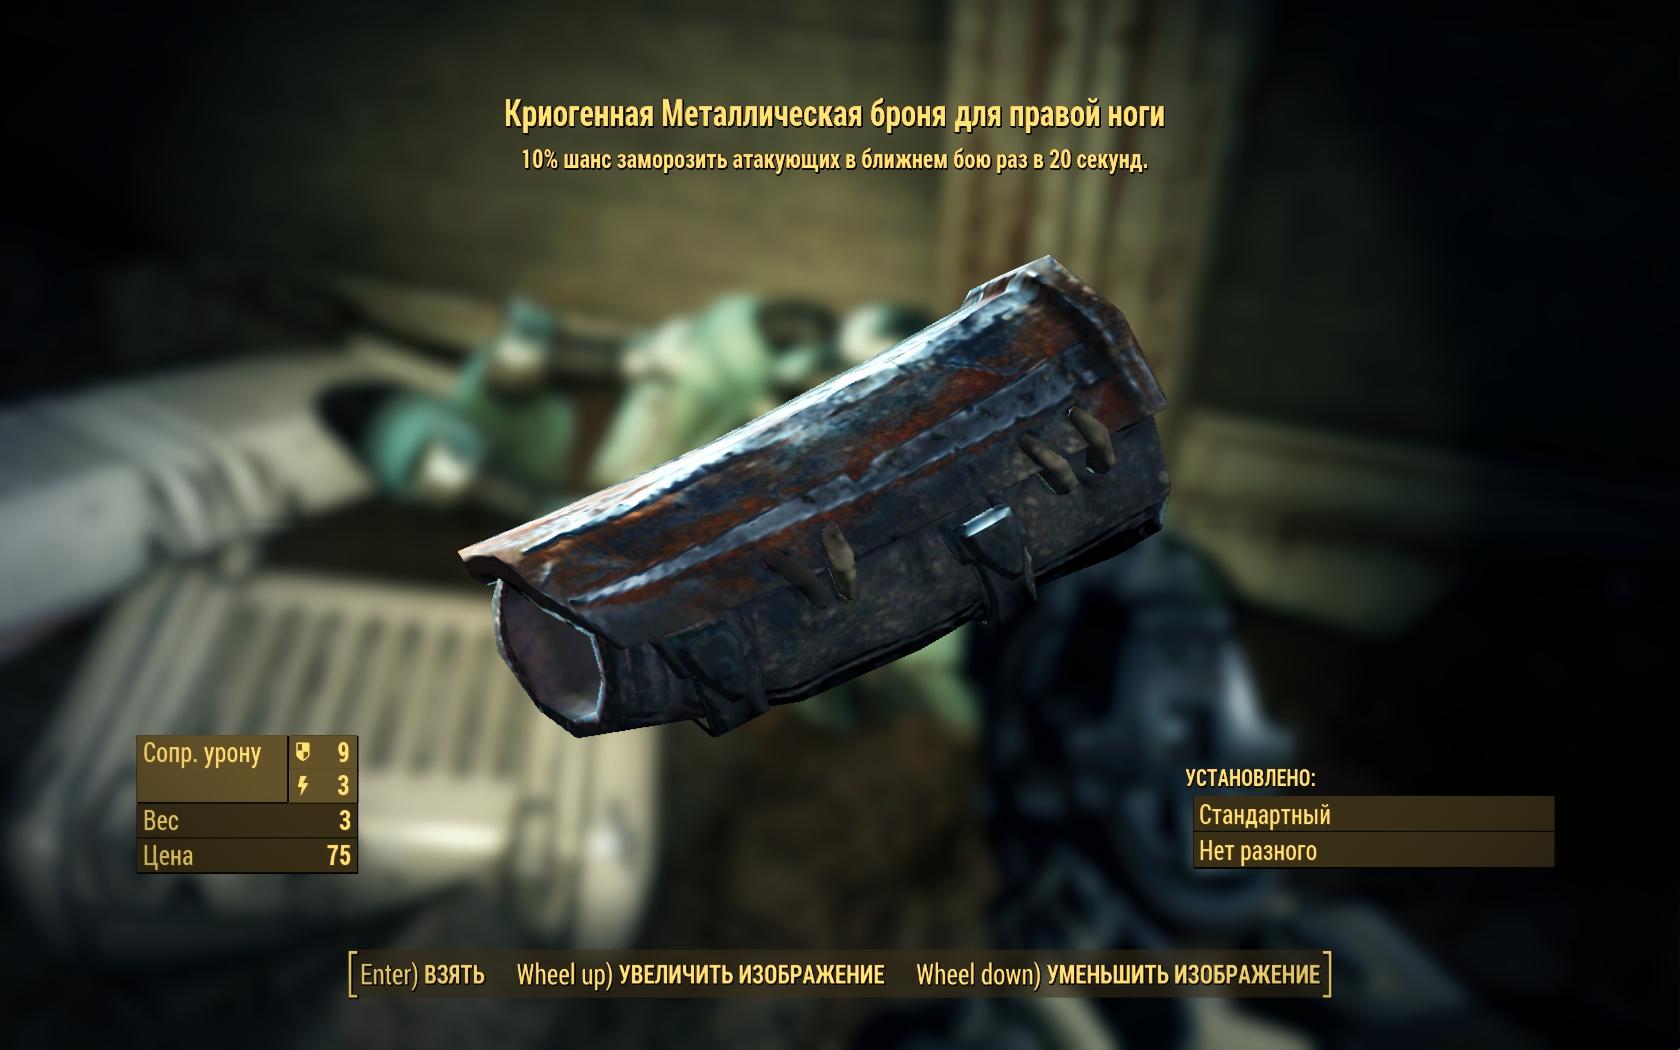 Криогенная металлическая броня для правой ноги - Fallout 4 броня